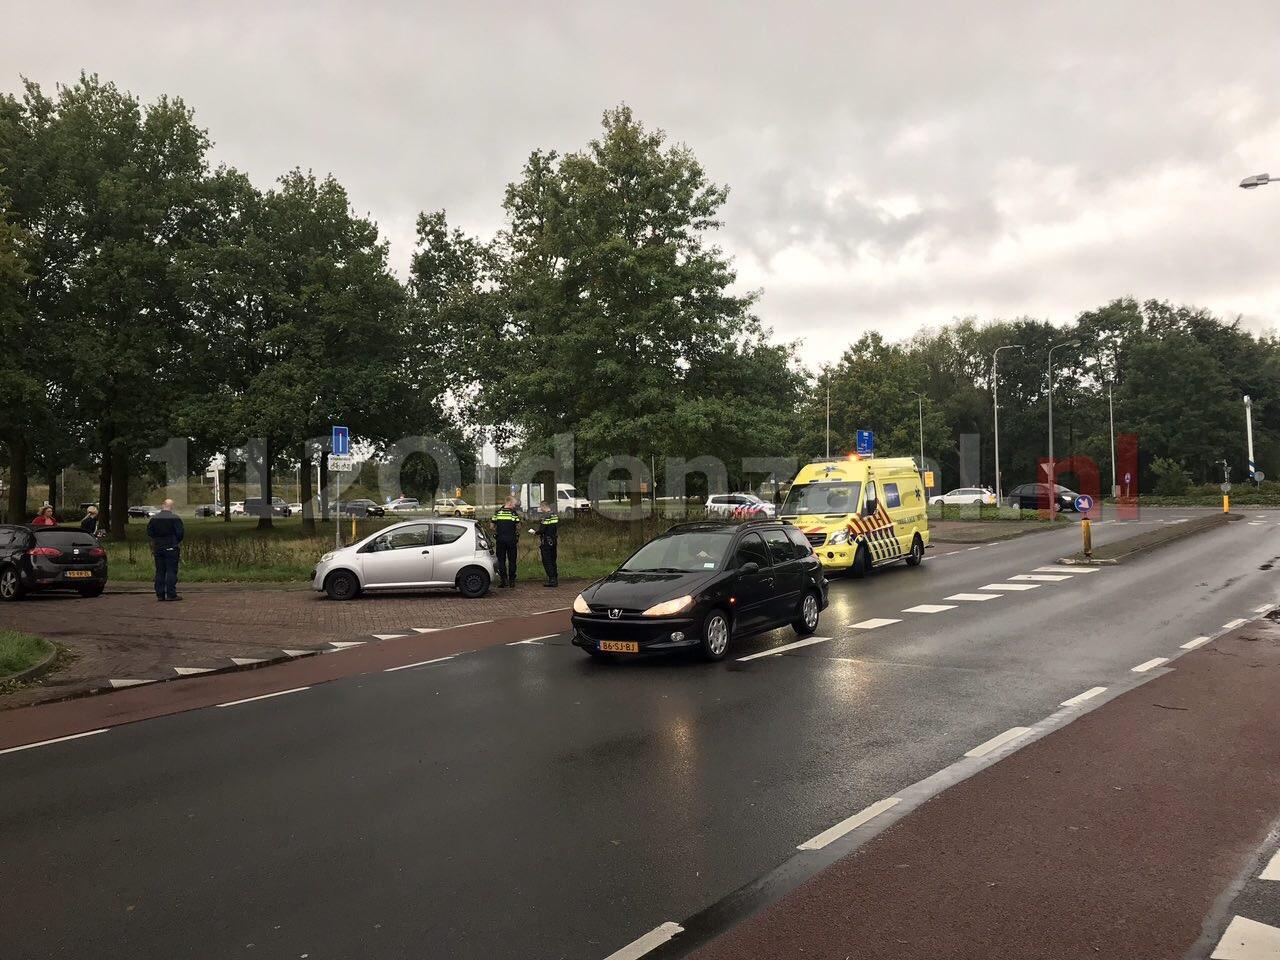 Fietser gewond bij aanrijding met auto op rotonde in Oldenzaal